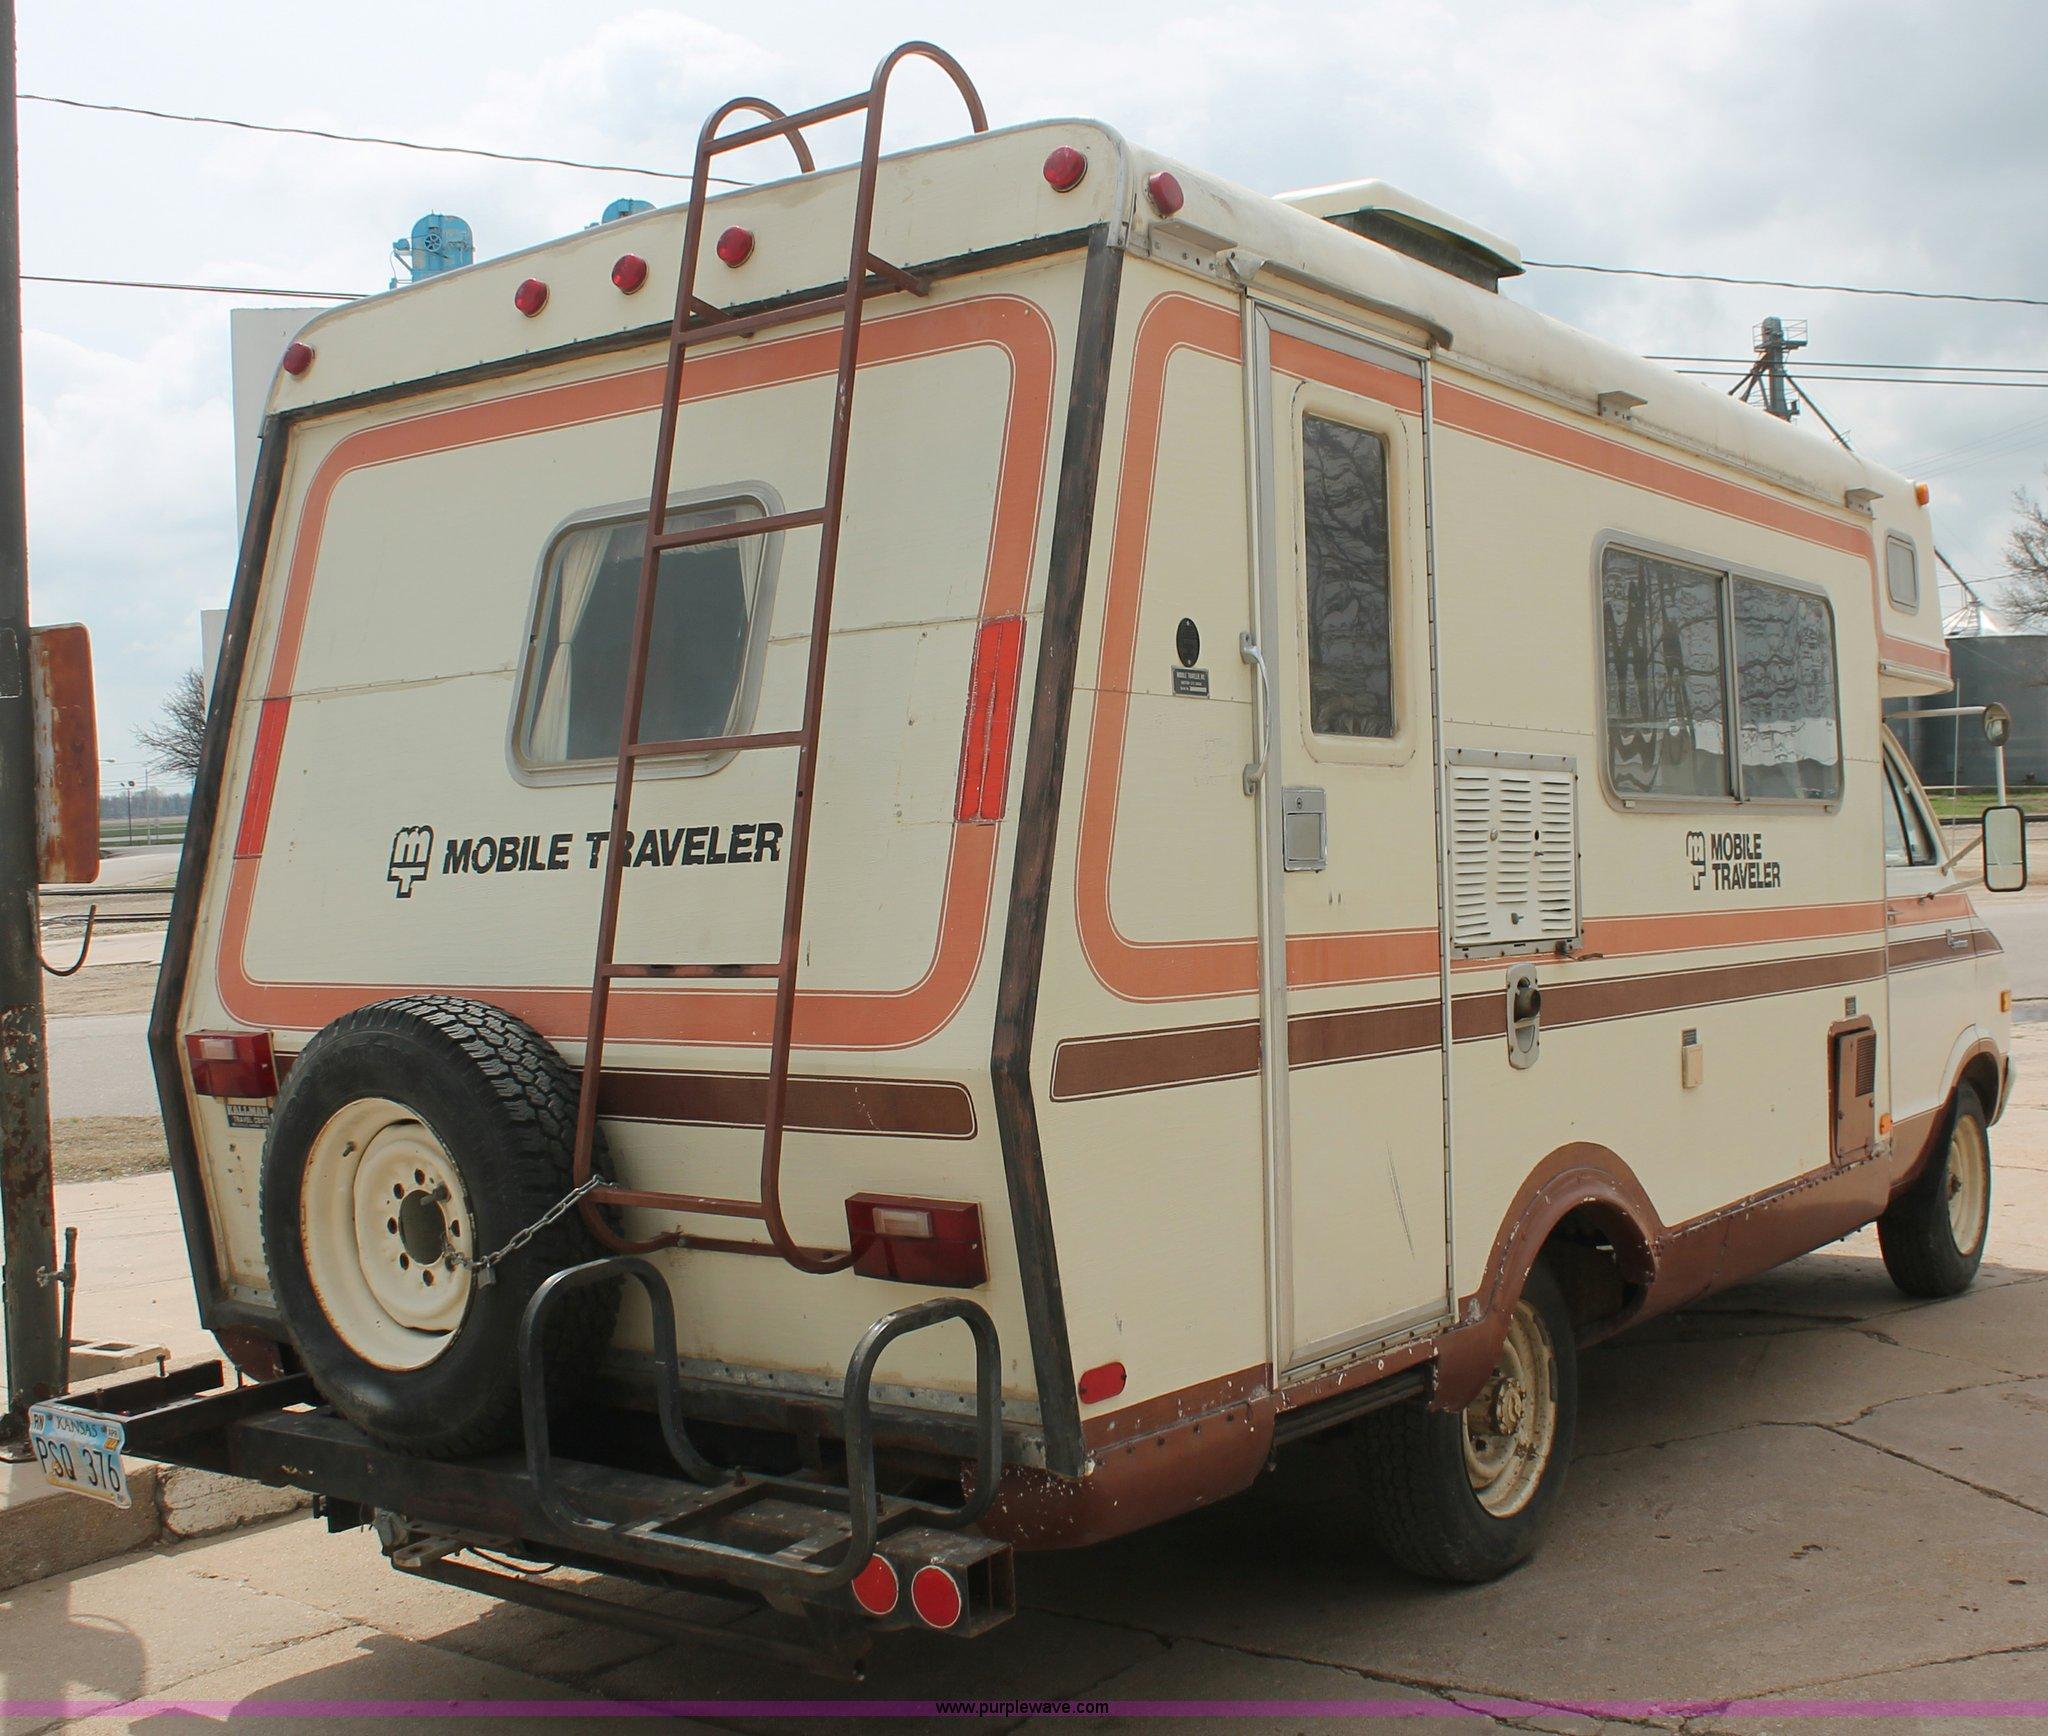 1978 Dodge F30 Sportsman mobile traveler camper | Item E3347